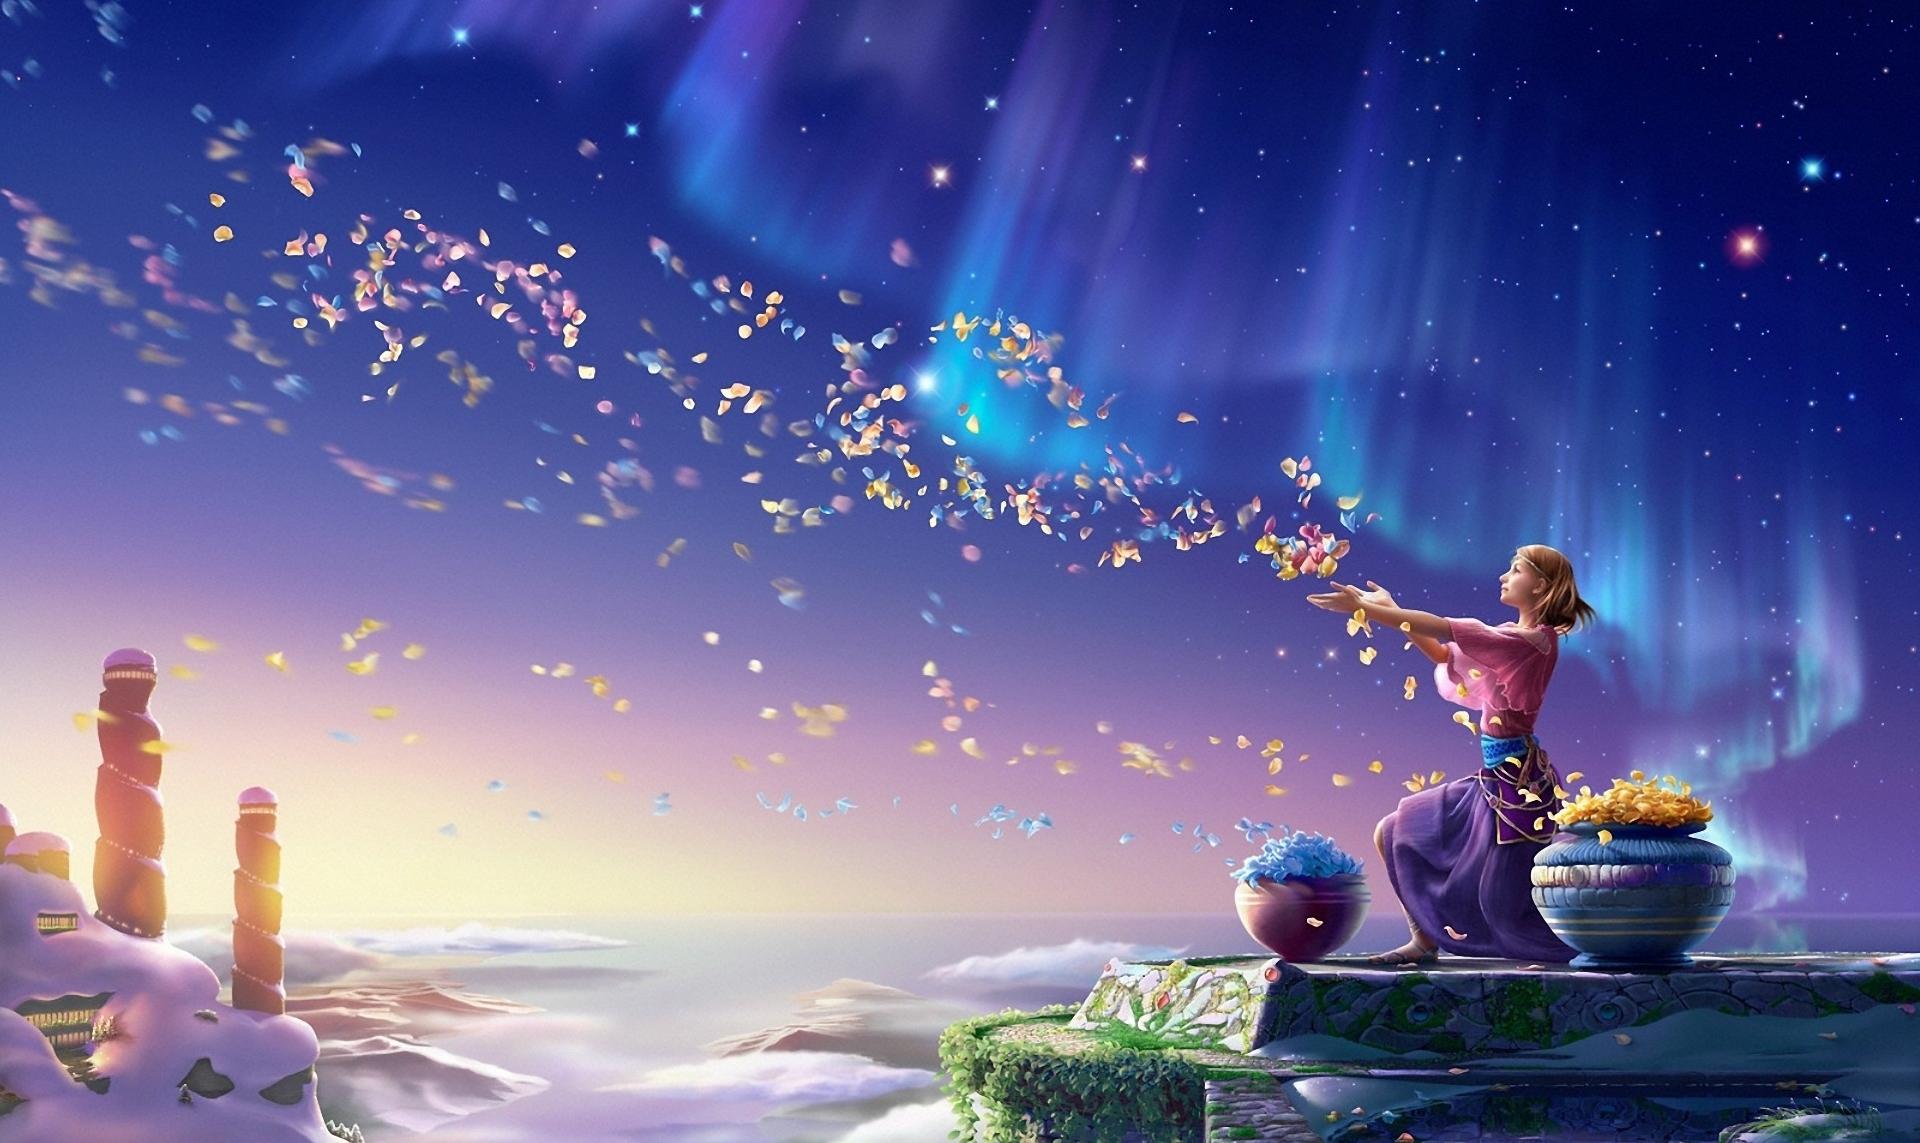 Принцесса под небесными фонариками  № 2222811 бесплатно